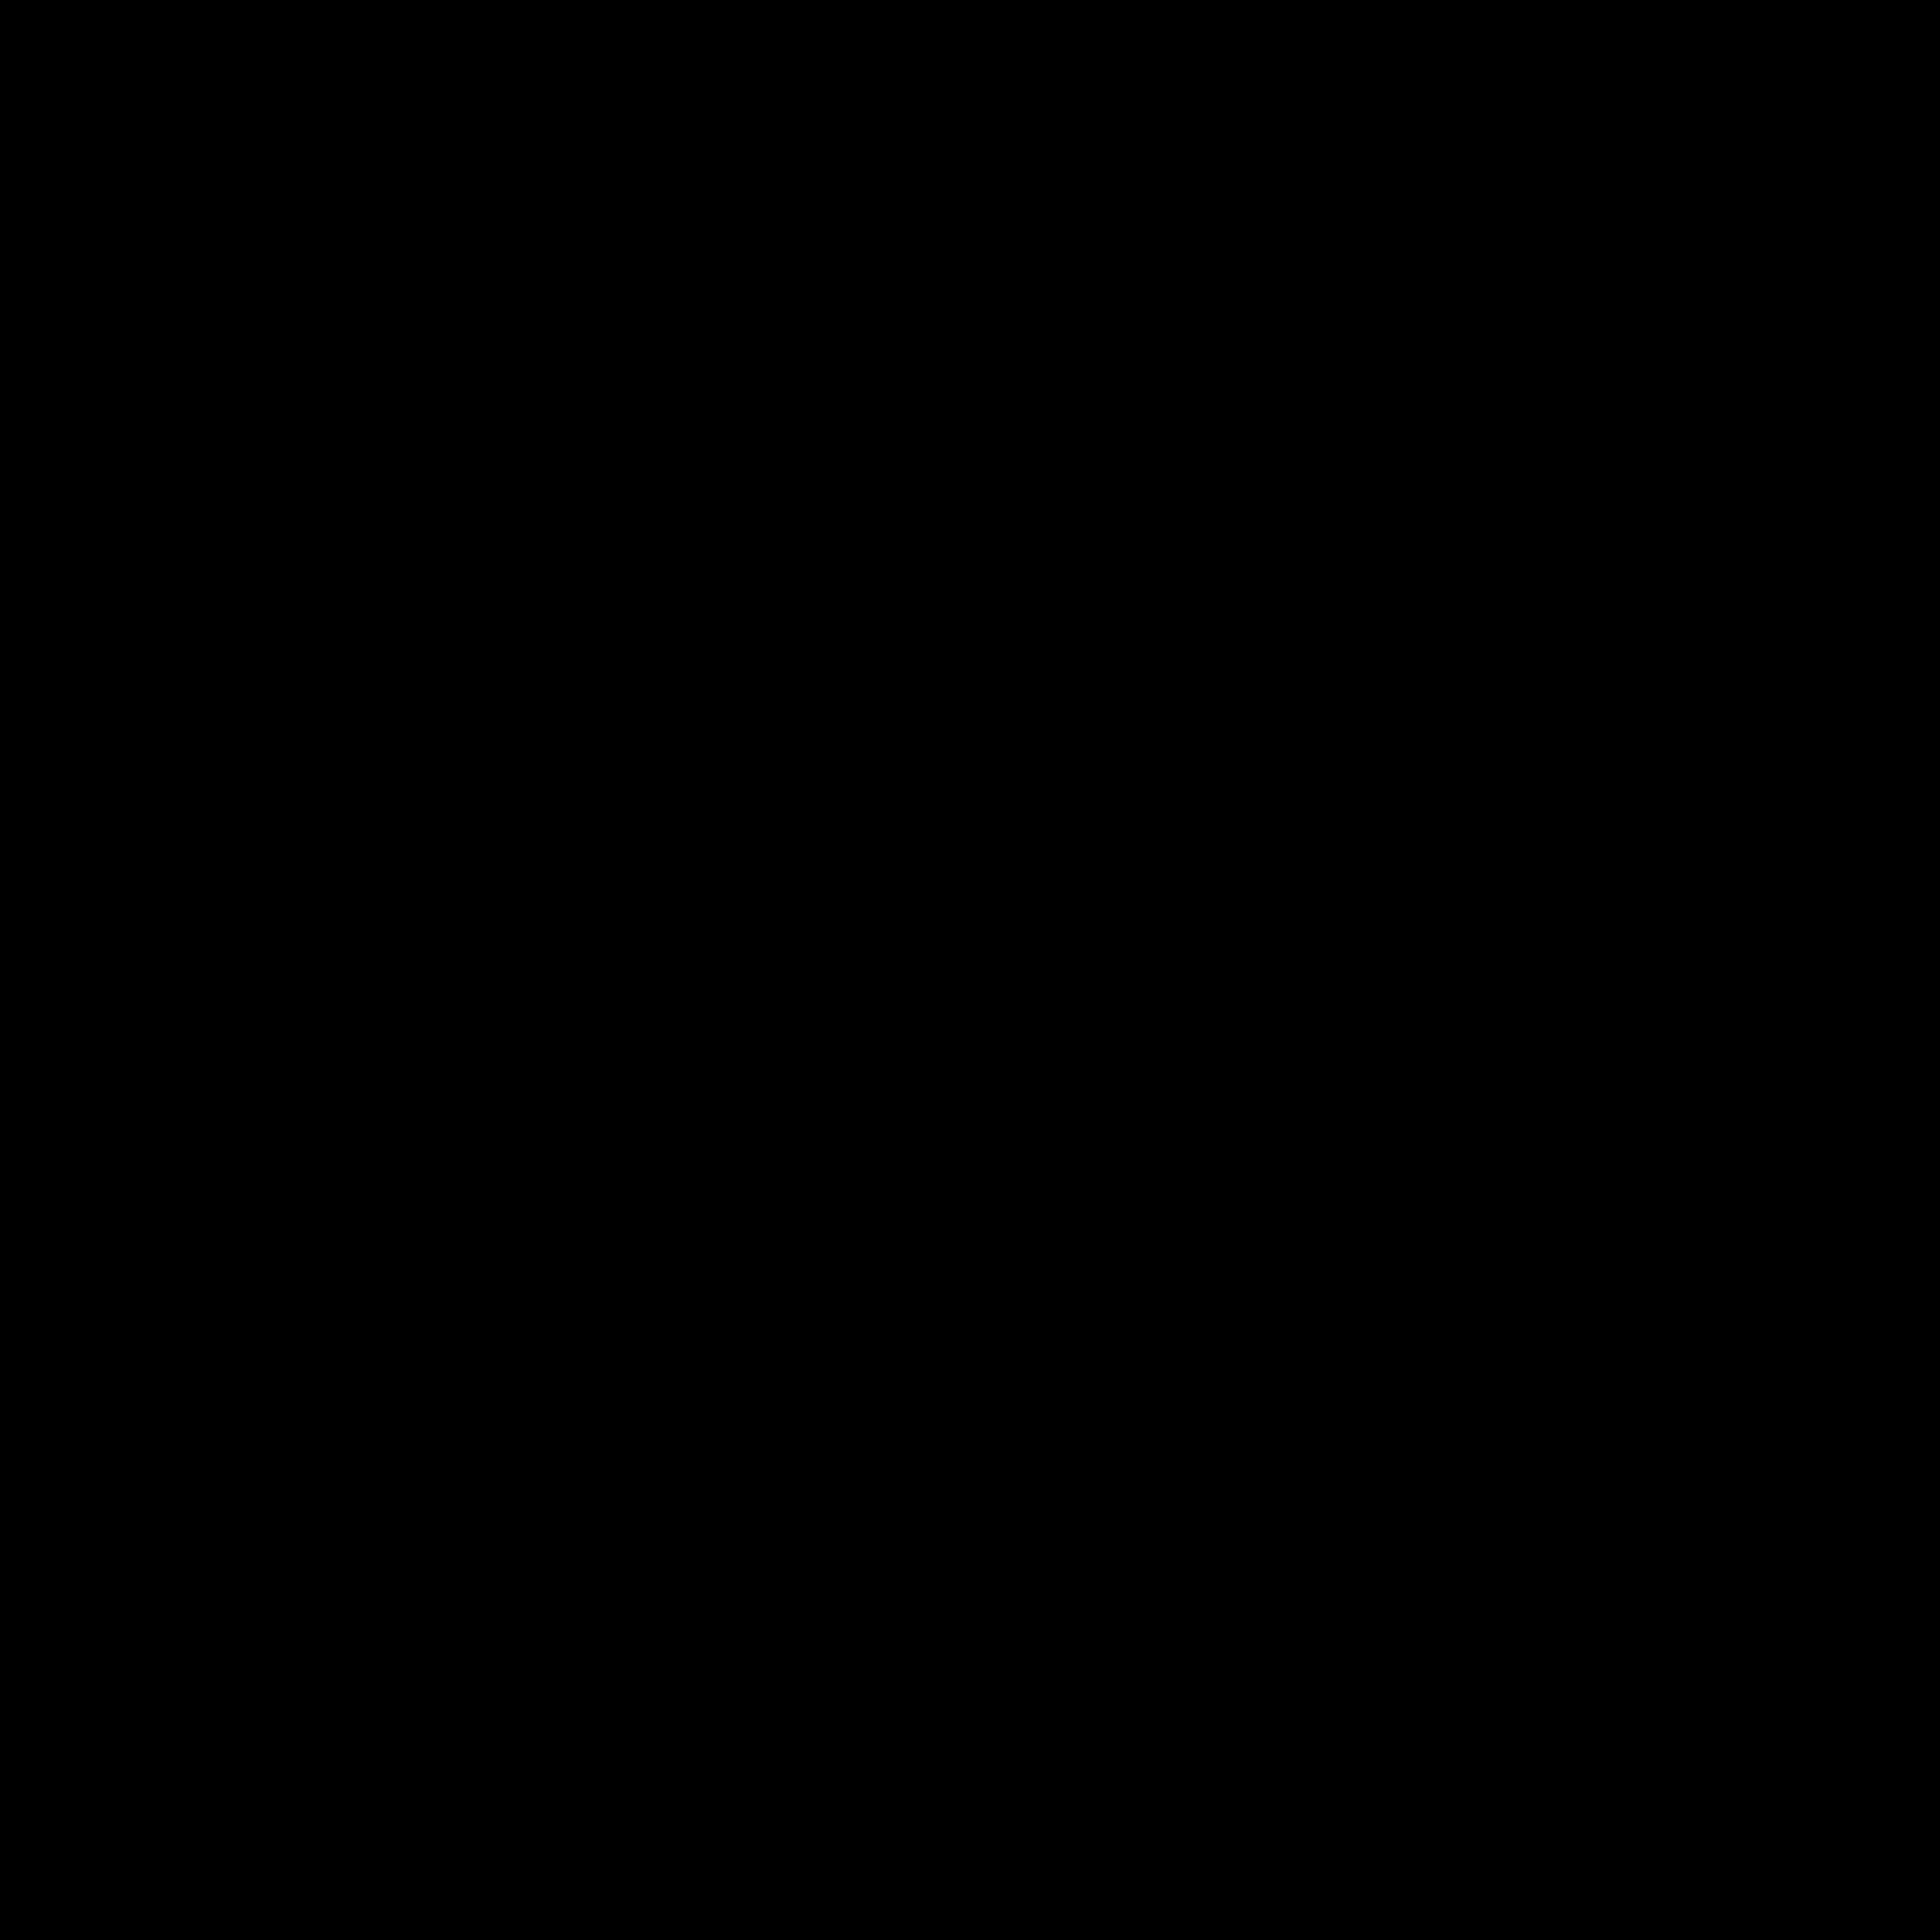 Gillette Prestobarbamax Plus Logo Png Transparent Svg